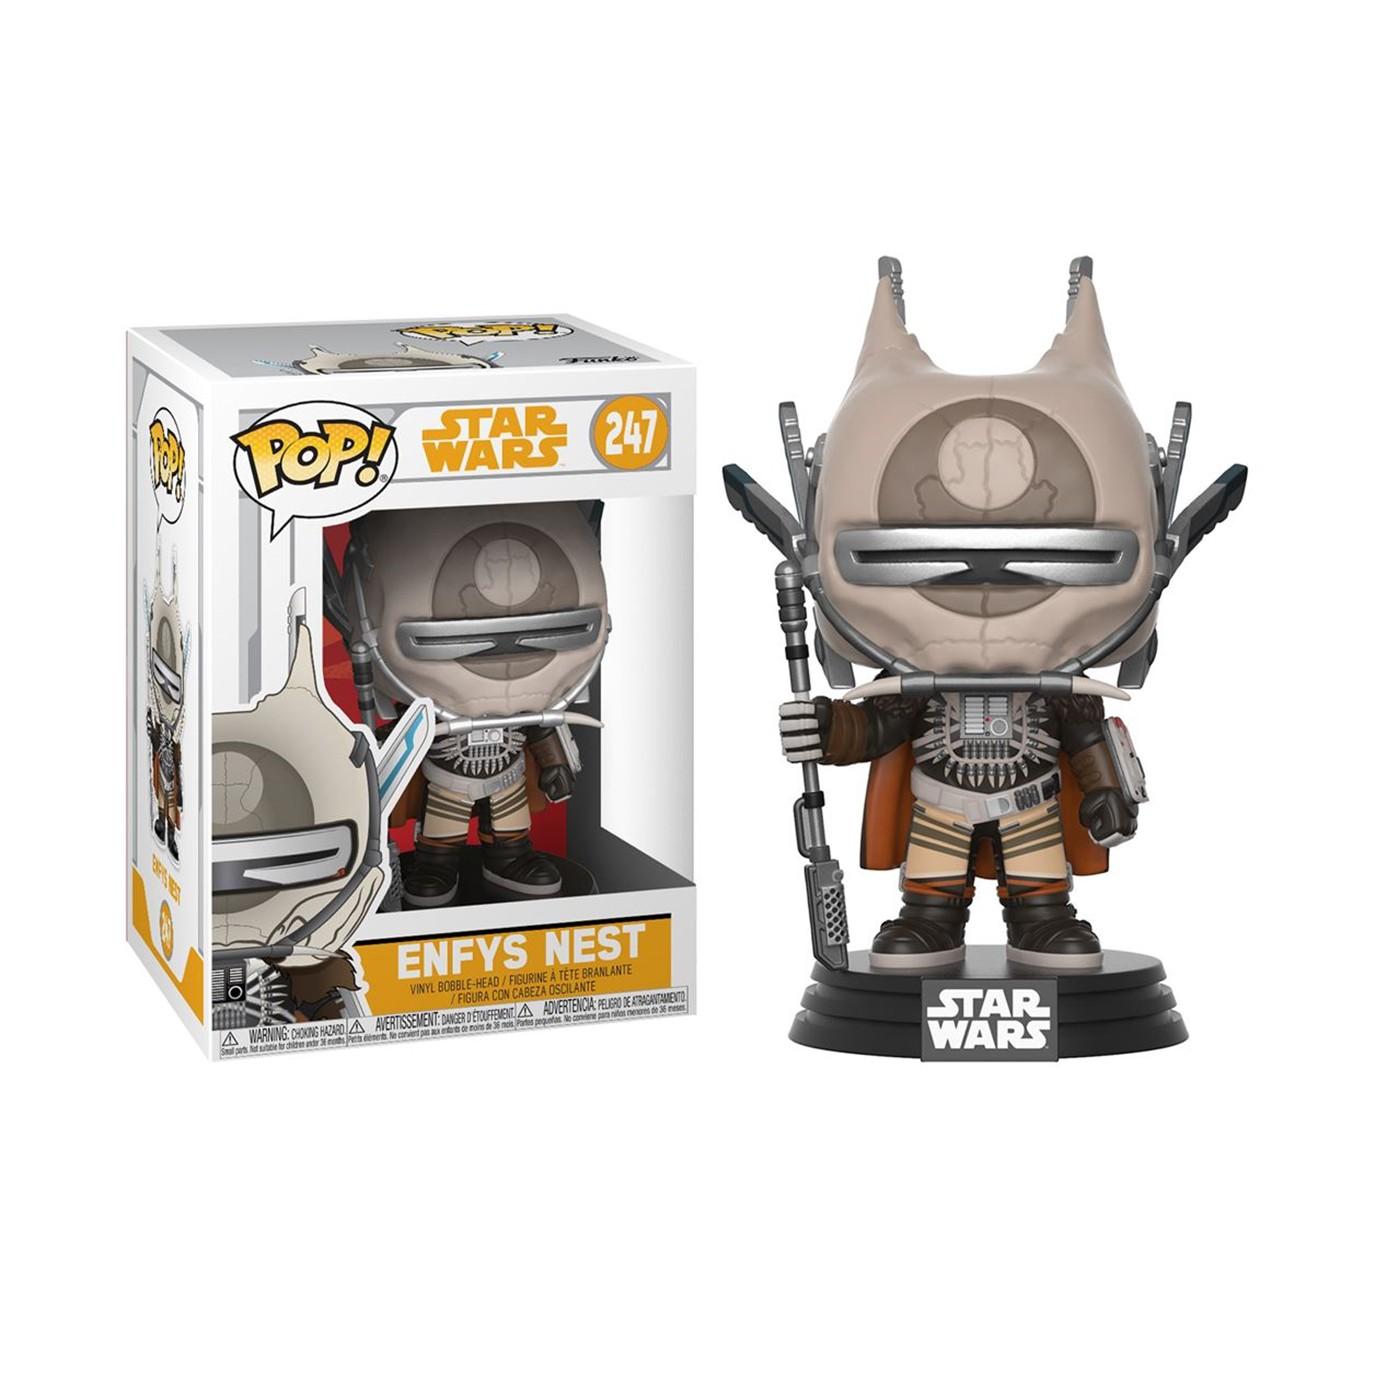 Star Wars Solo Enfys Nest Funko Pop Bobble Head